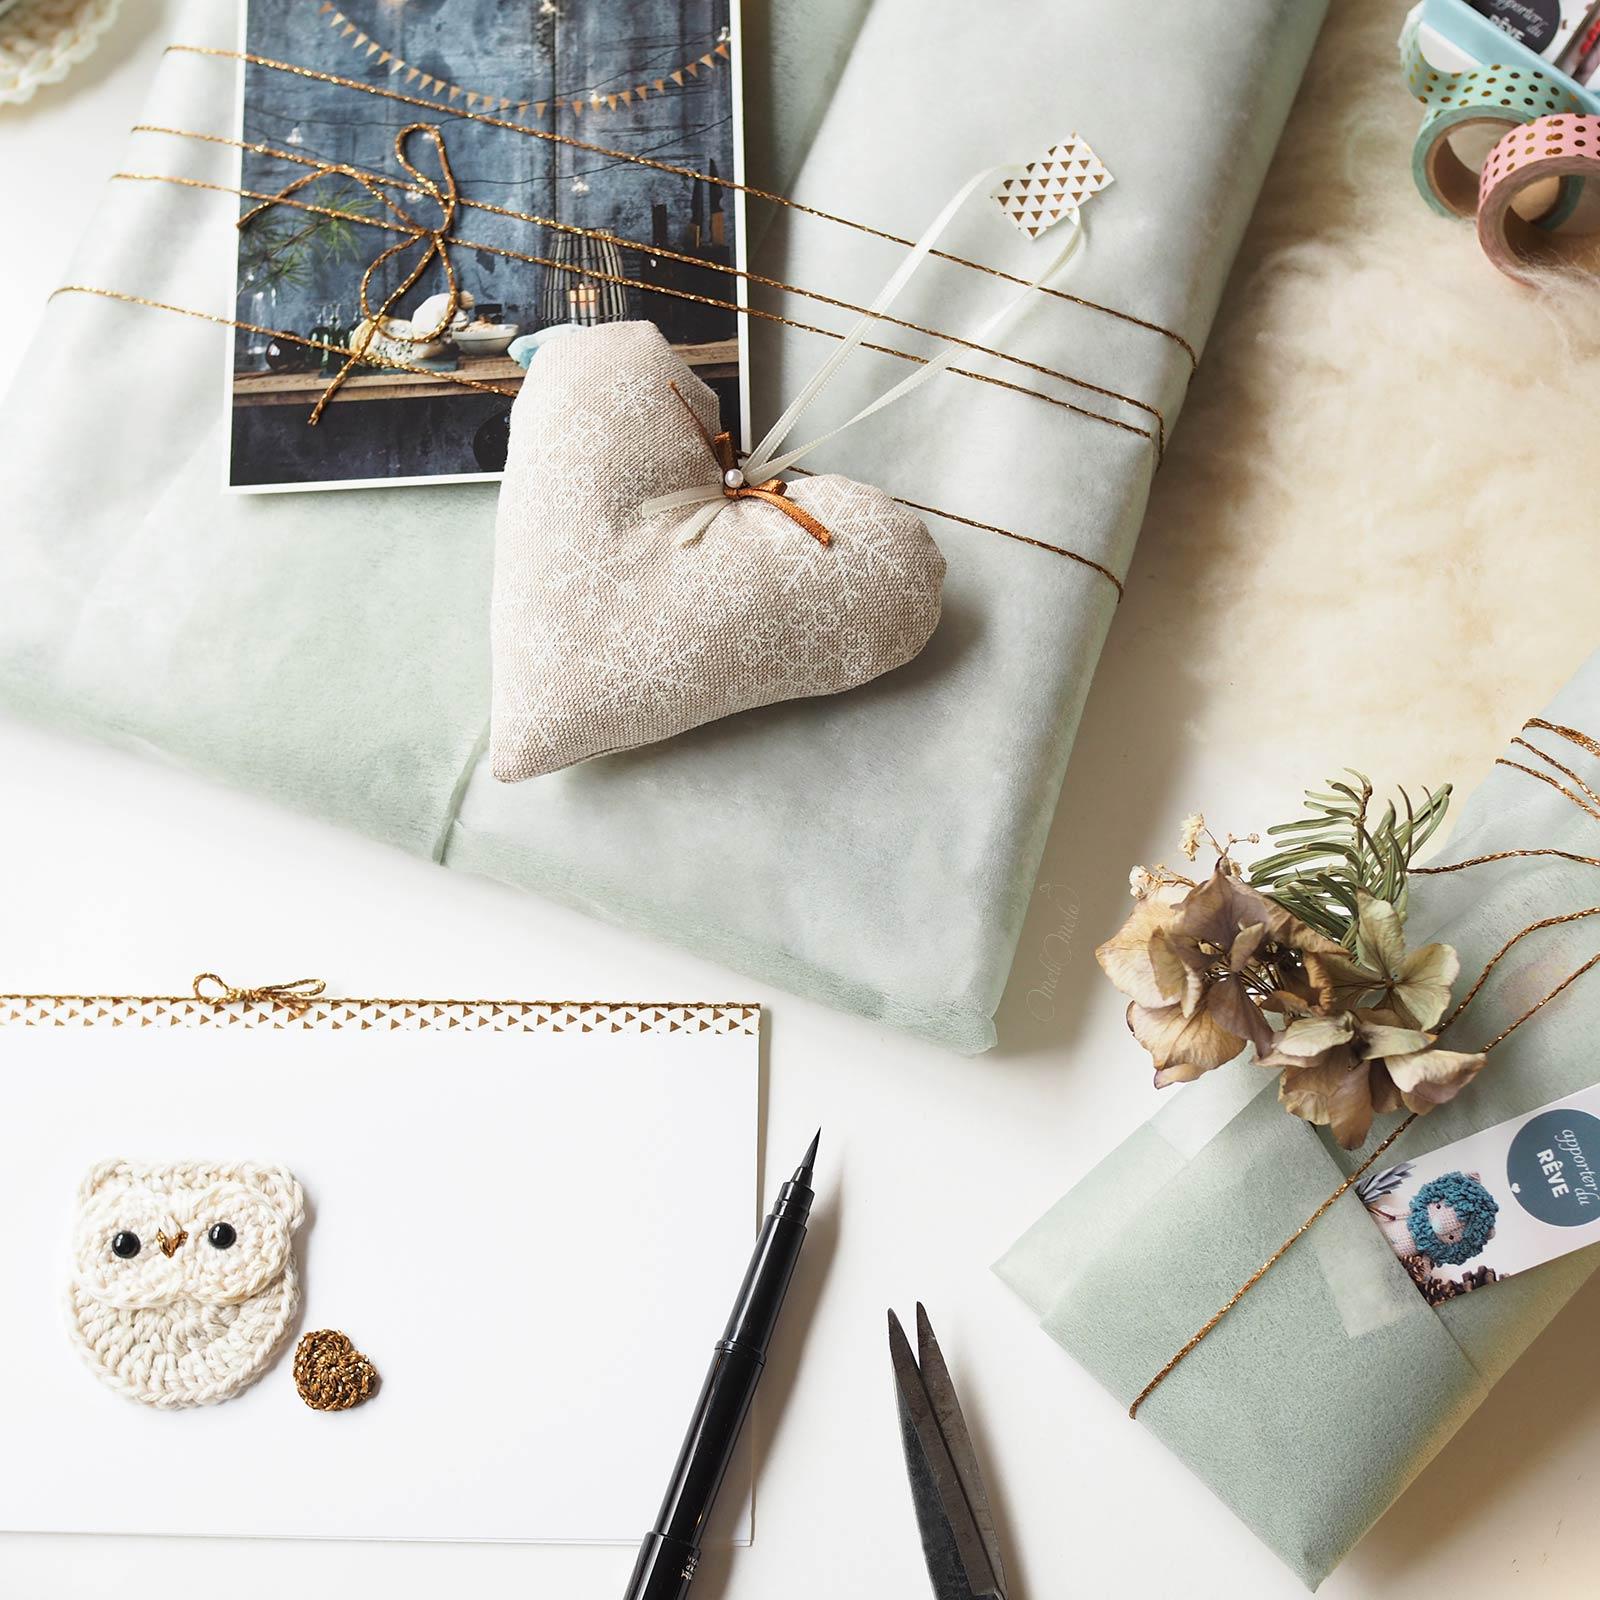 déco Noël paquet cadeaux Coeurs de Chouette créations en lin laboutiquedemelimelo